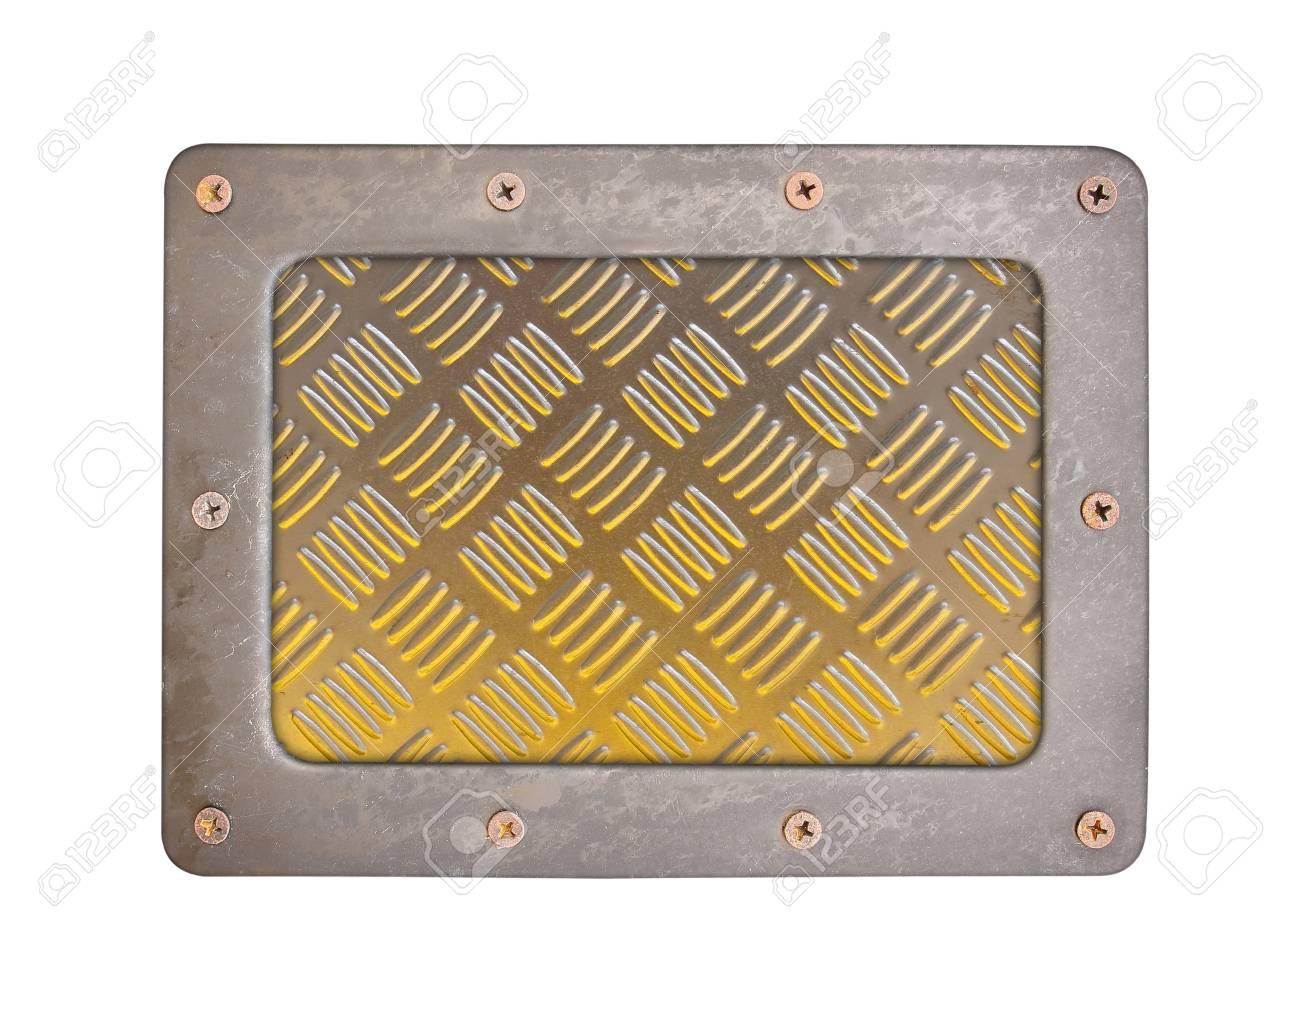 Estilo de patrón de textura de metal de placa de fondo de acero con marco y tornillos